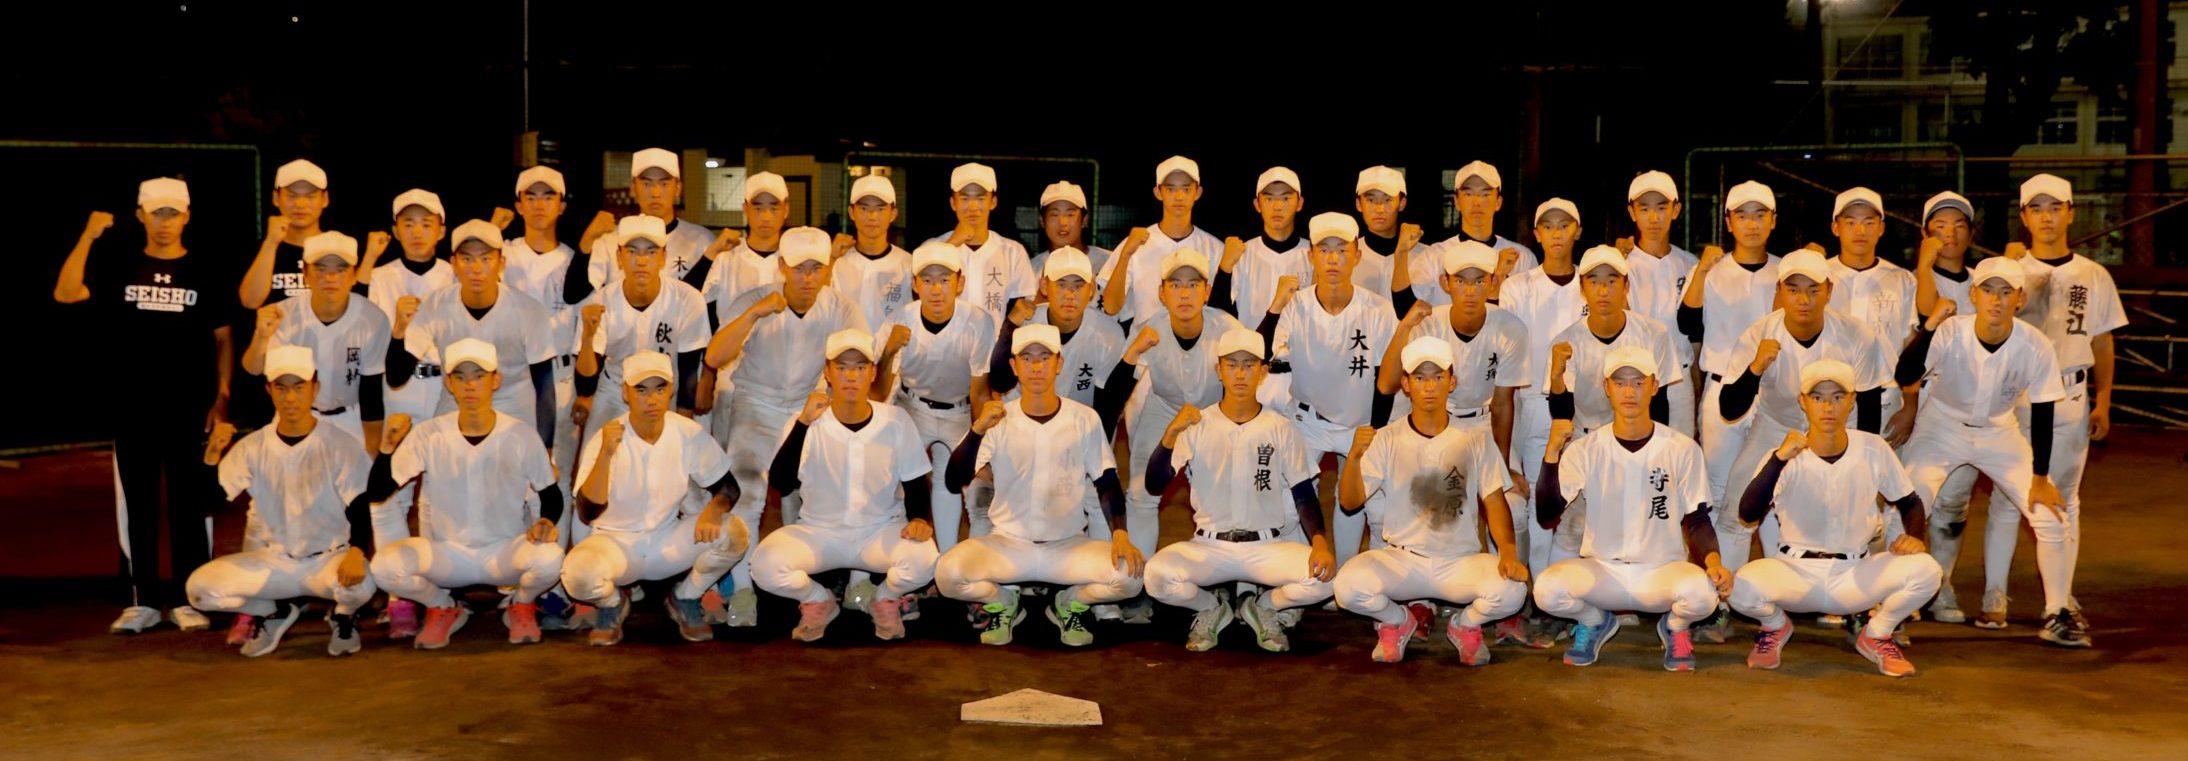 「2020年夏 大会レポート 静岡商」 復活 #静岡商業